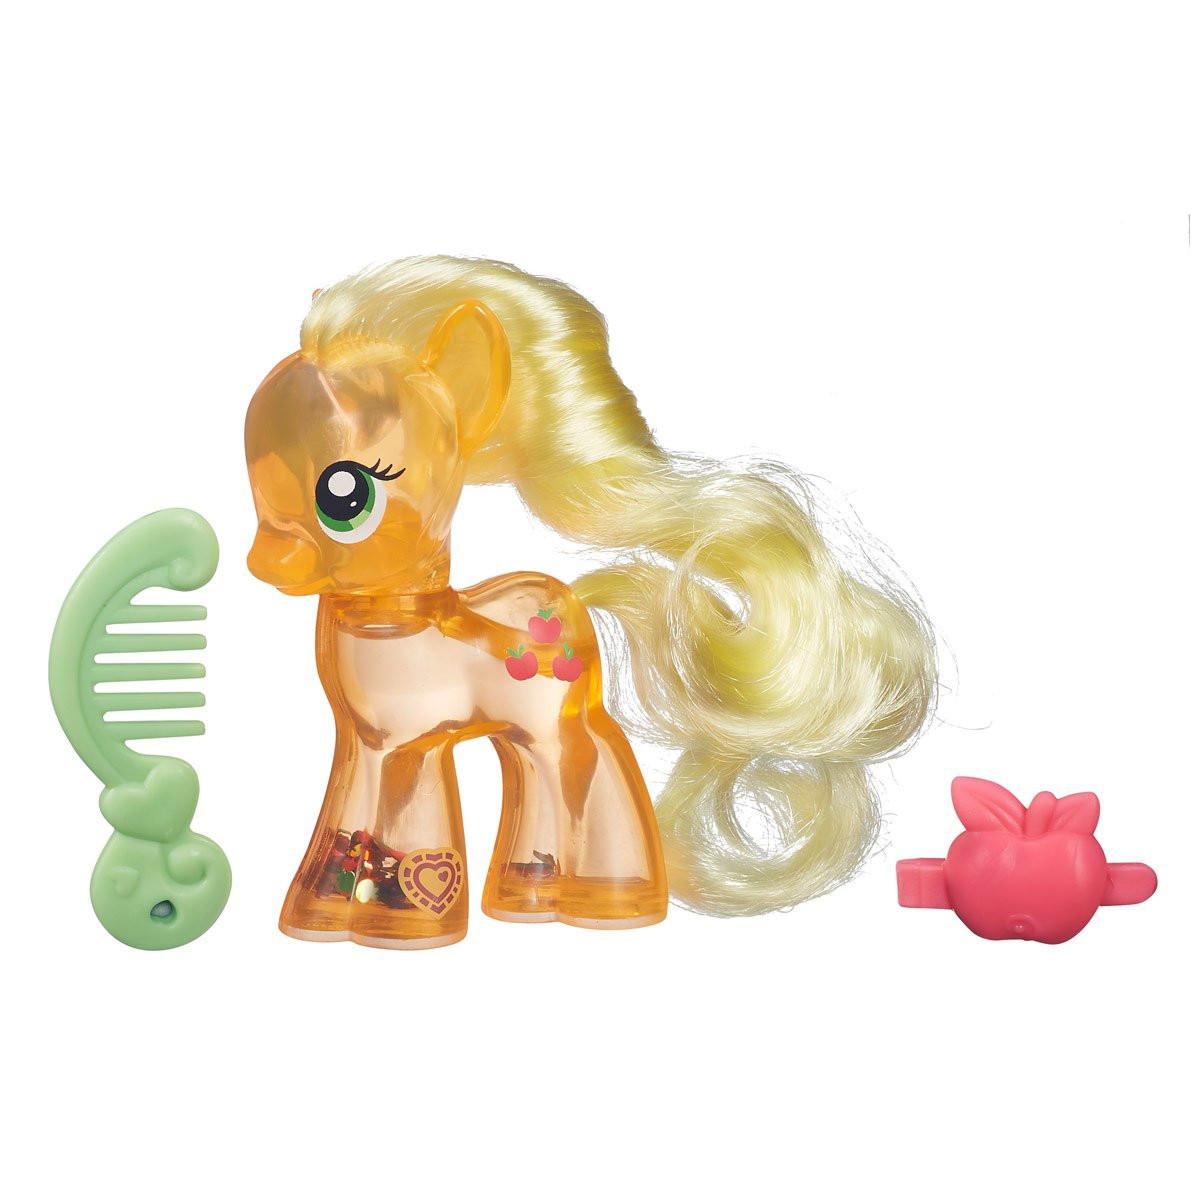 My Little Pony поні Applejack з блискітками серія Cutie Mark Magic (Май Литл Пони пони Эплджек с блестками)